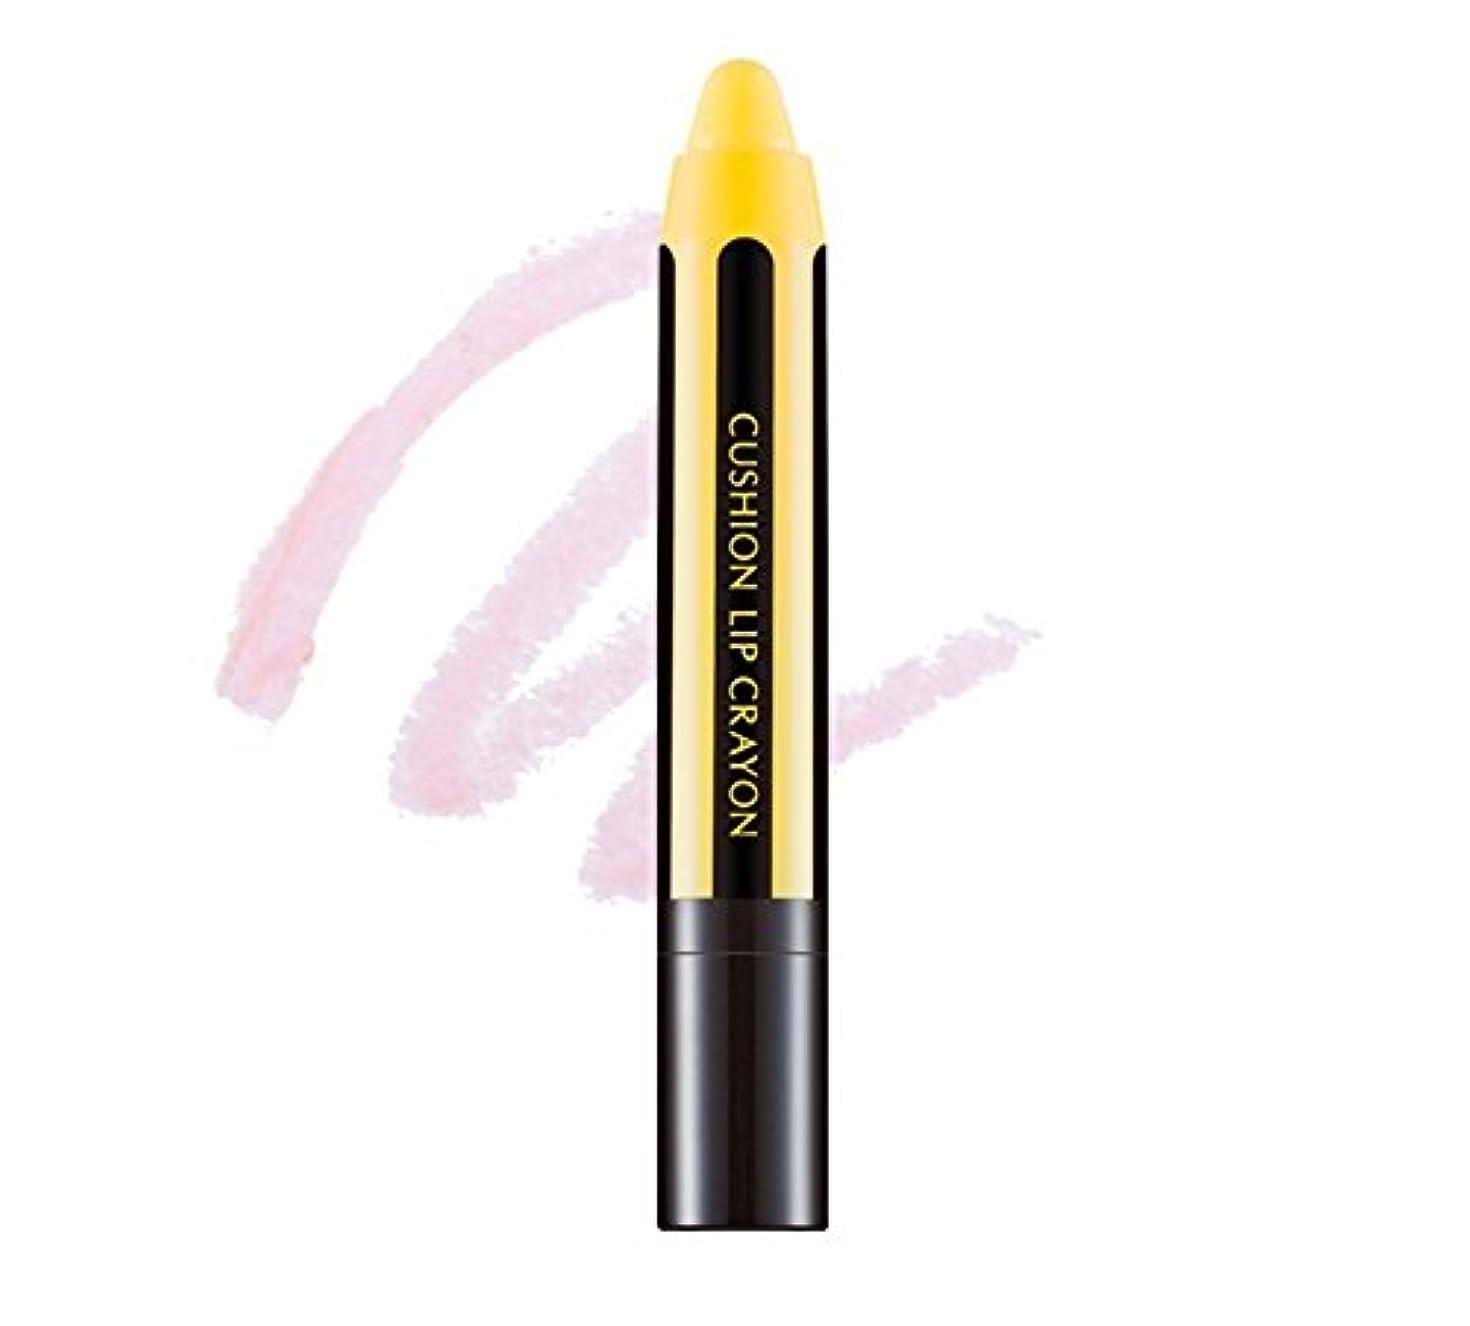 オペレーター実験室結婚する[New] MISSHA Cushion Lip Crayon (#YPK01 : Lemon soda)/ミシャ クッション リップ クレヨン (#YPK01 : Lemon soda)